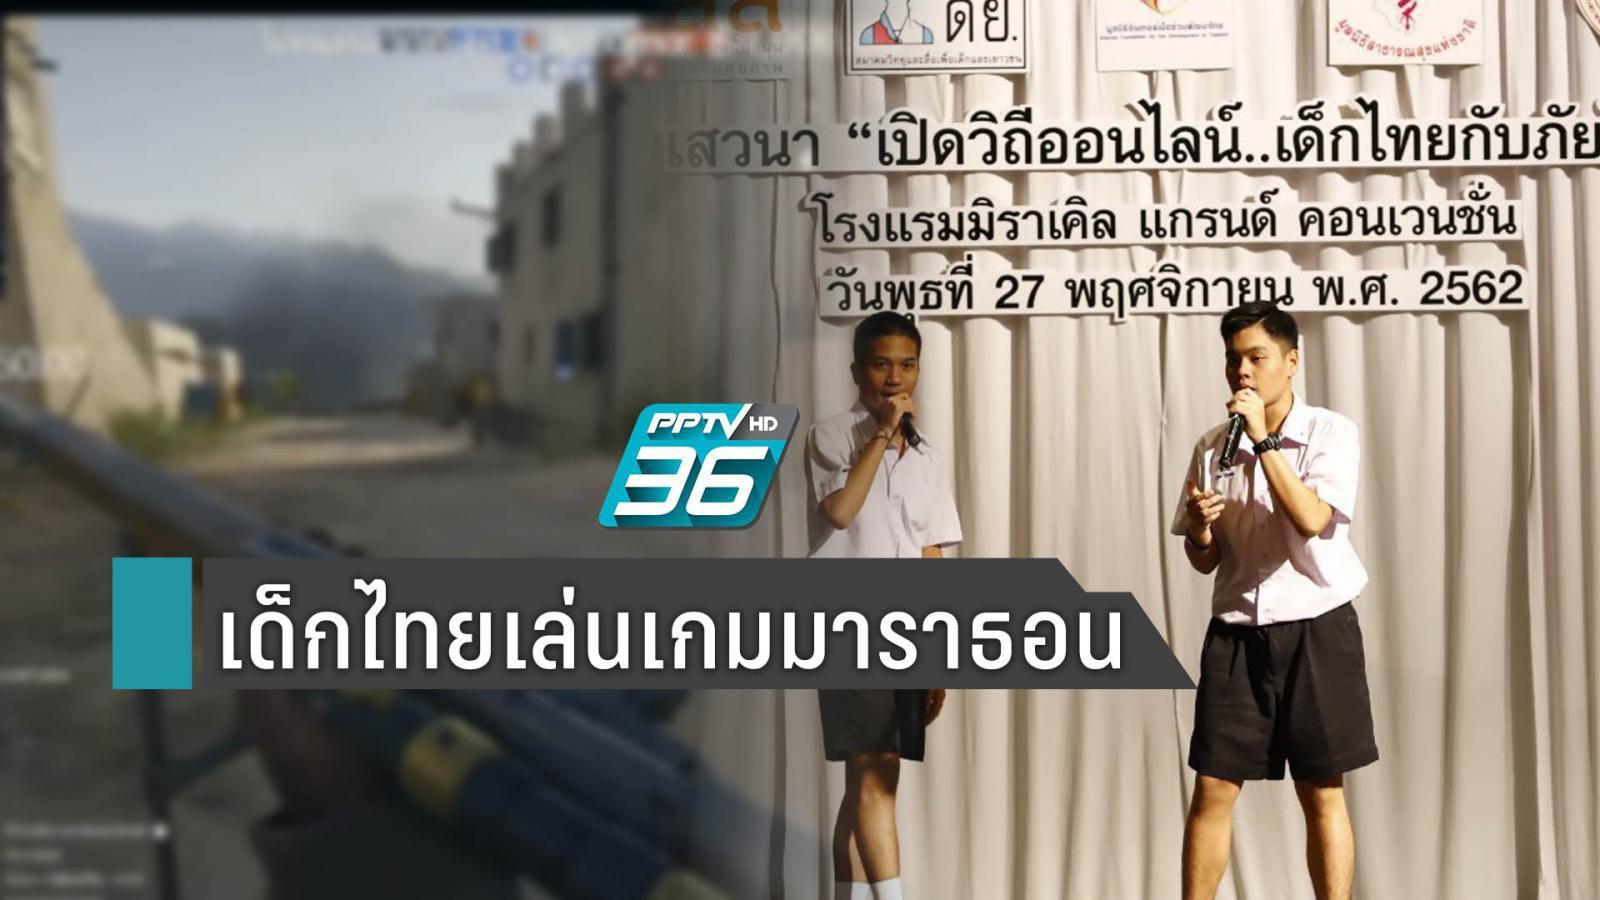 ผลสำรวจเด็กไทยเล่น 'เกมออนไลน์' เกือบ 90% วันหยุดเล่นทะลุเกิน 8 ชั่วโมง